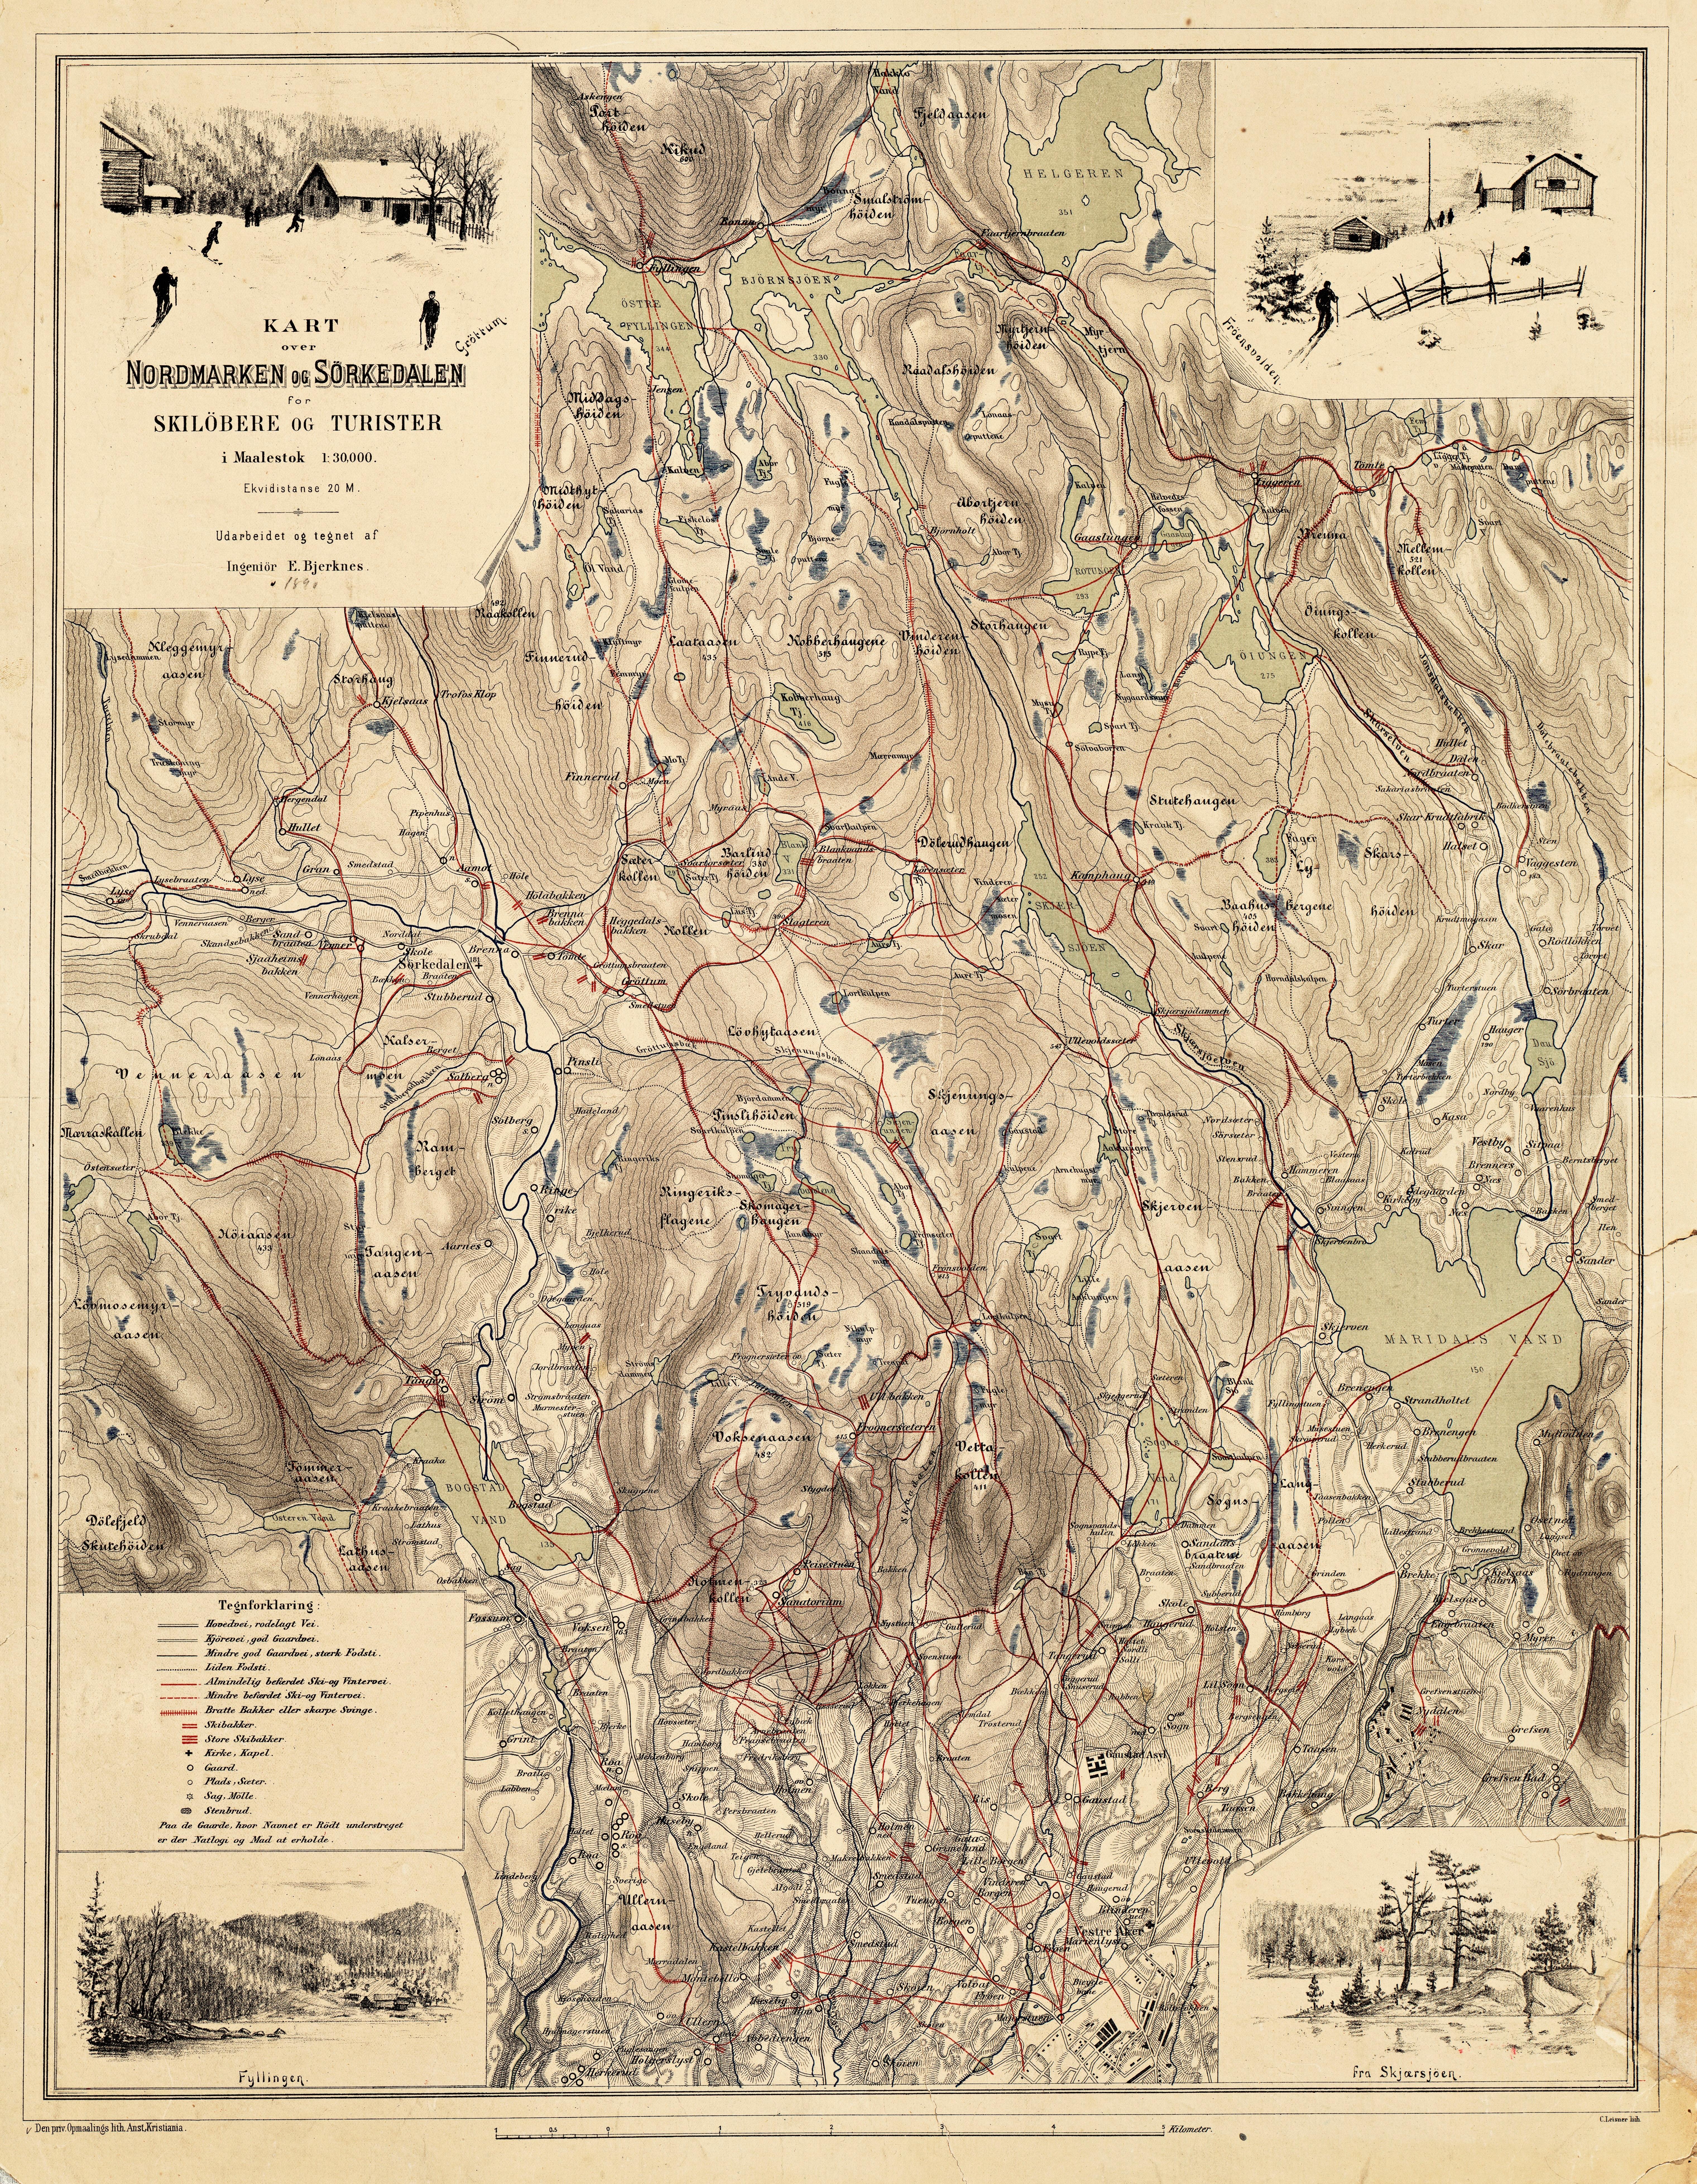 kart over sørkedalen File:Skikart over Nordmarken og Sørkedalen   no nb krt 00550.  kart over sørkedalen